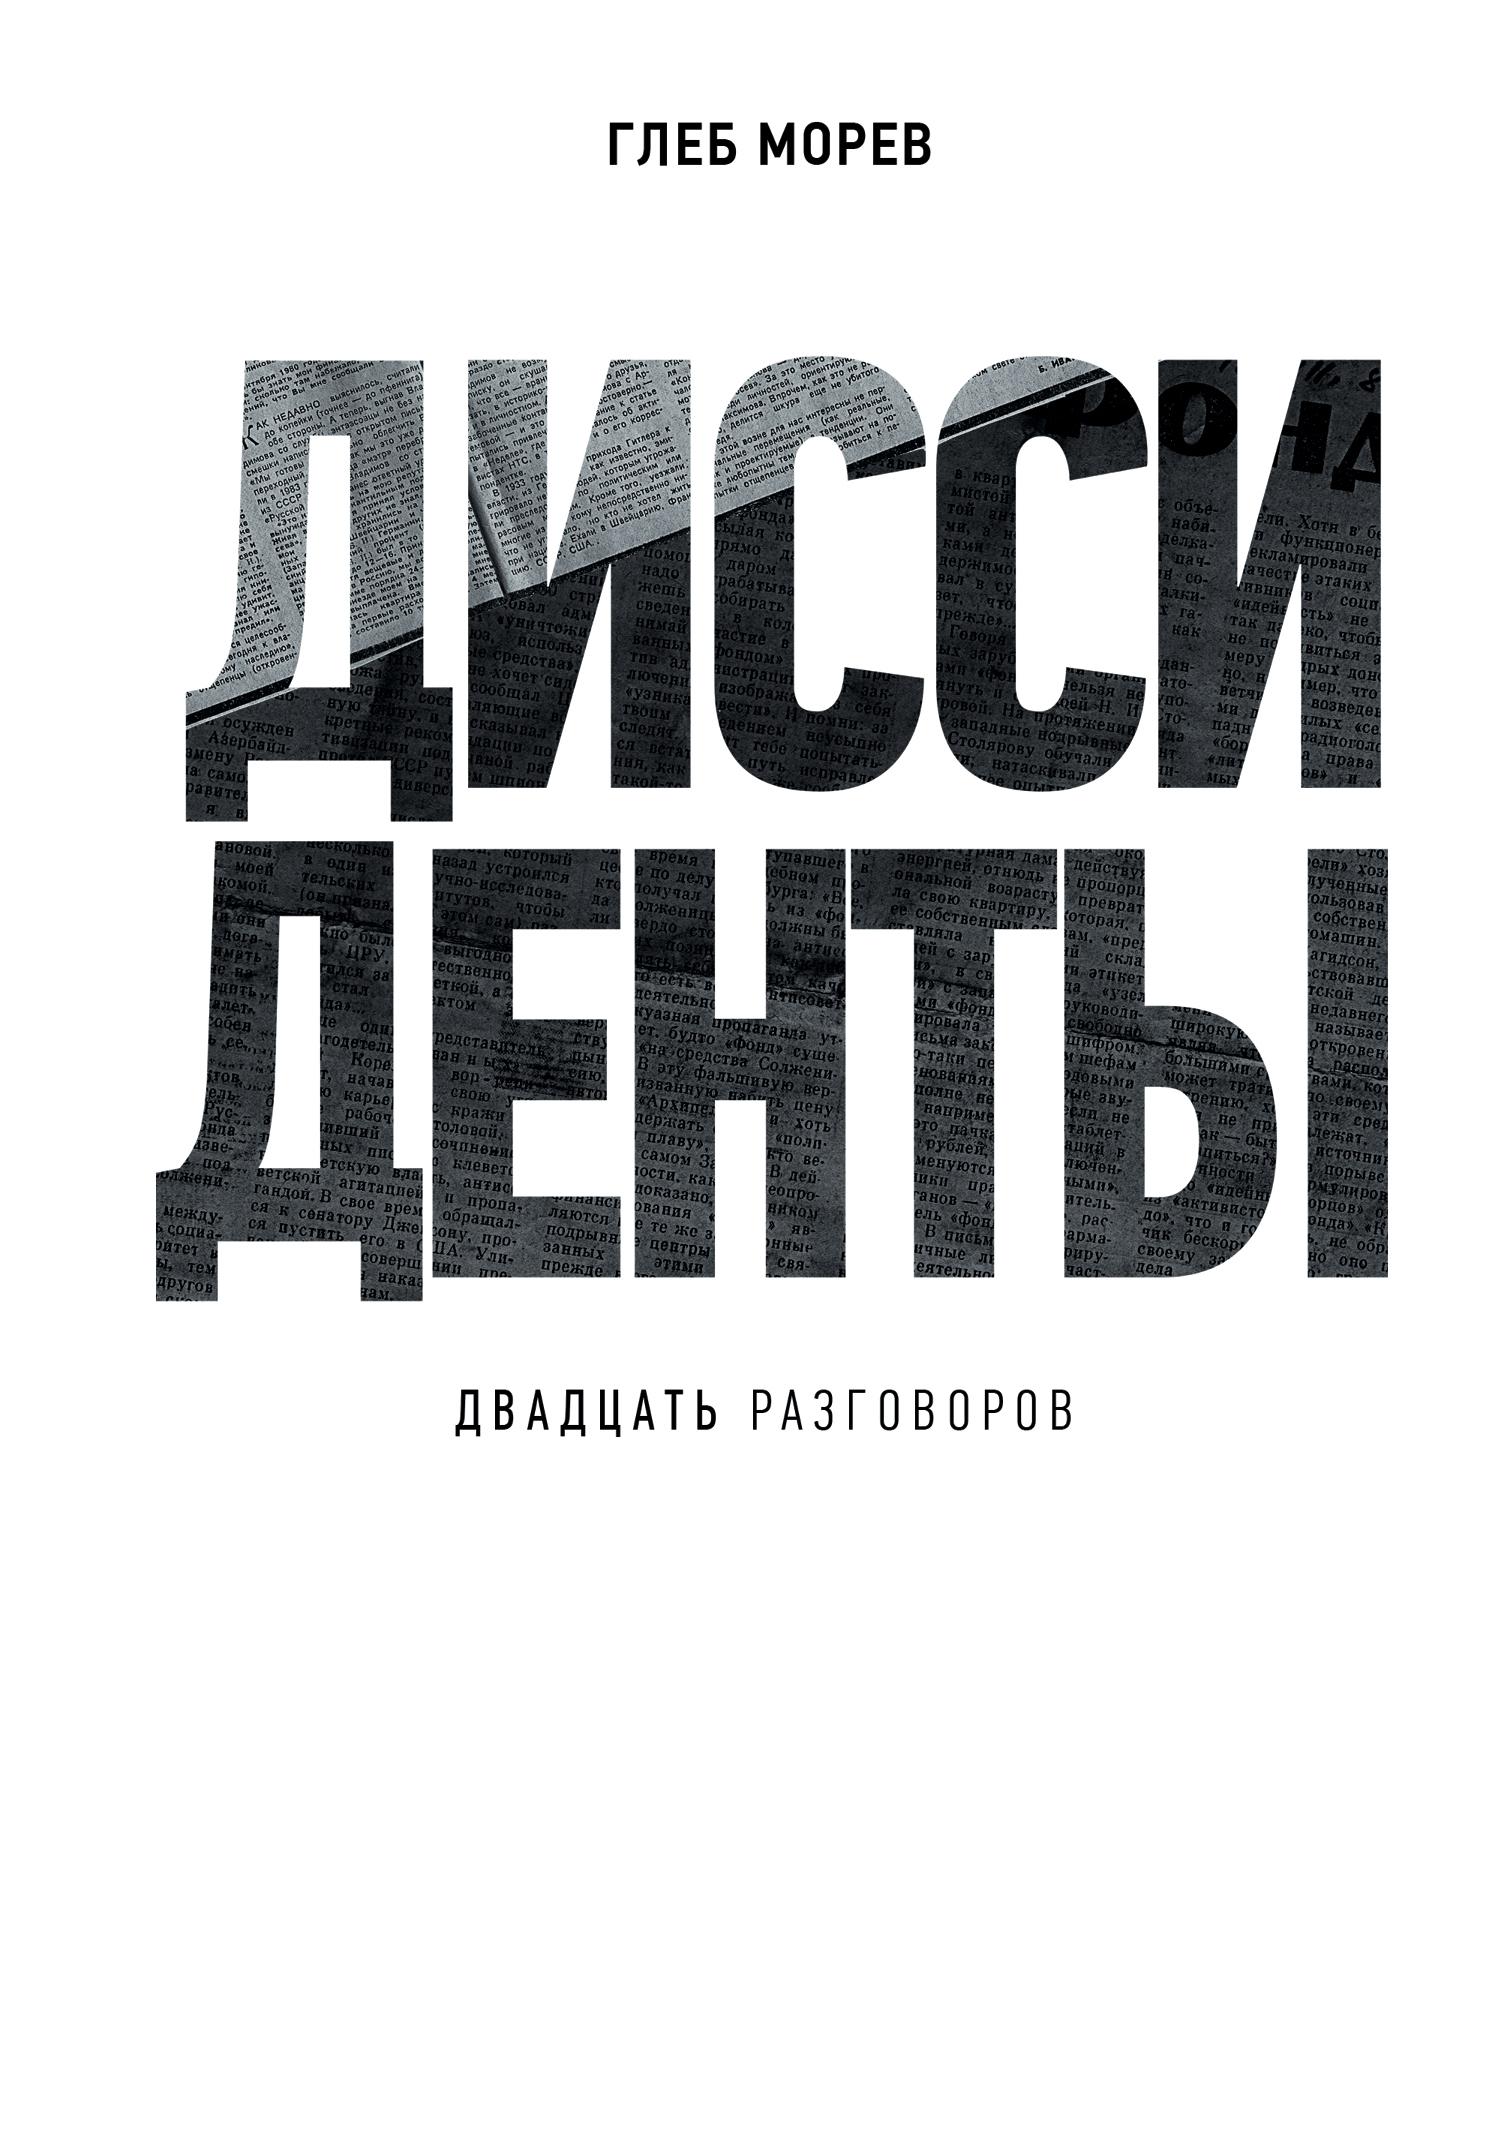 Диссиденты ( Улицкая Л.Е., Морев Г.А.  )